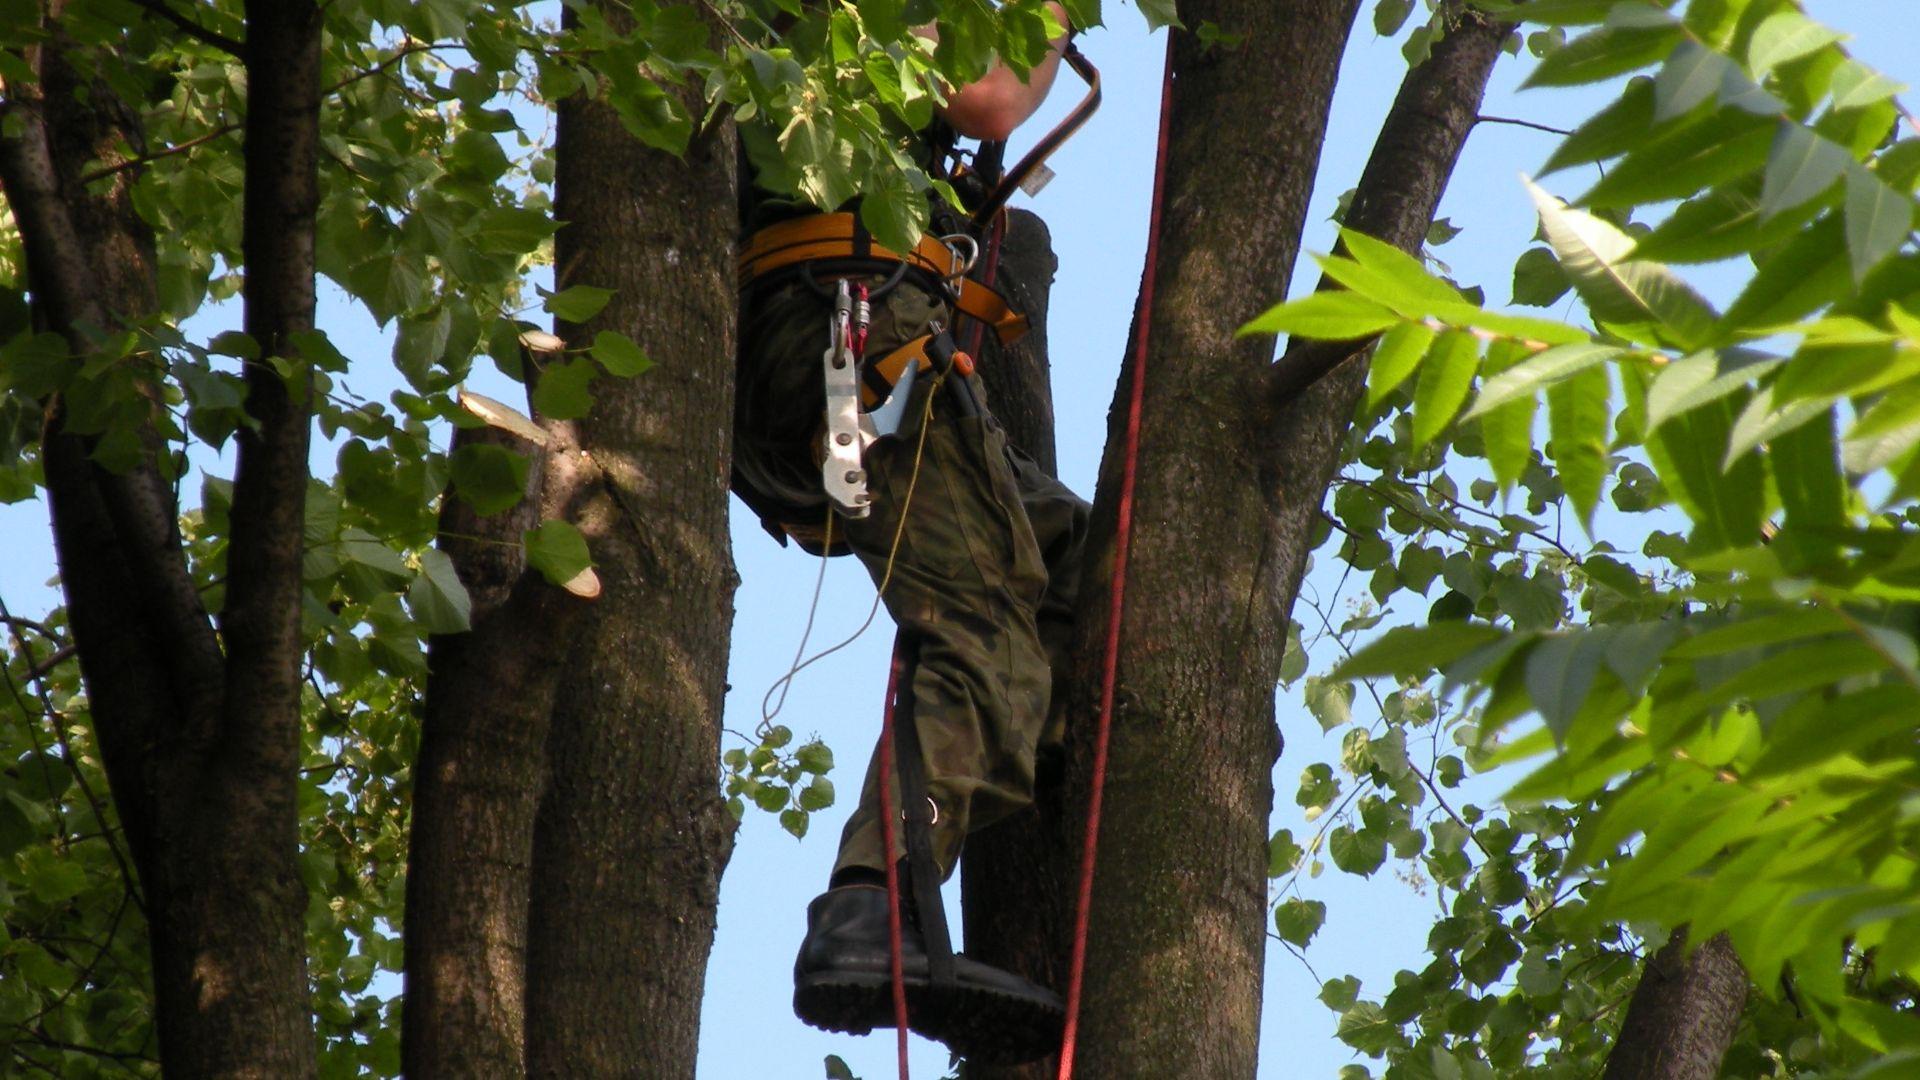 Chodzenie po drzewach bez użycia kolców